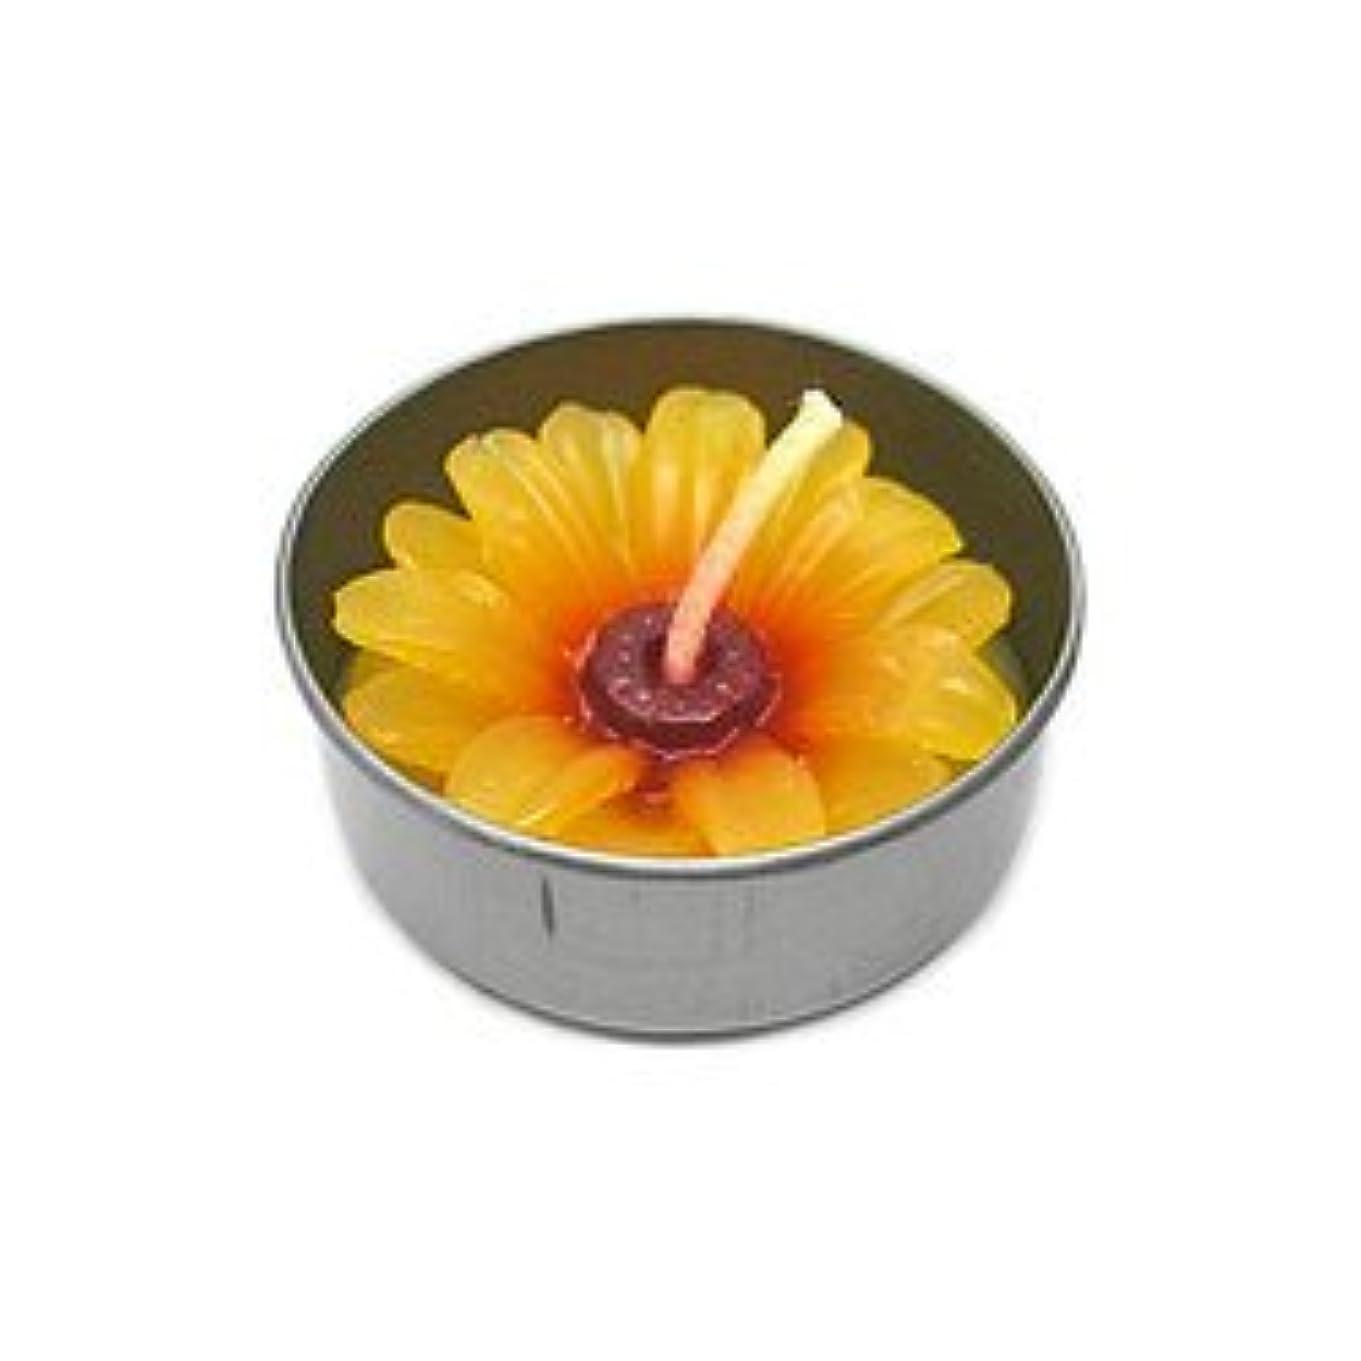 赤嫌い人に関する限りアロマキャンドル  ミニ お花 薄オレンジ 鉄の器入り 器直径4cm アジアン雑貨